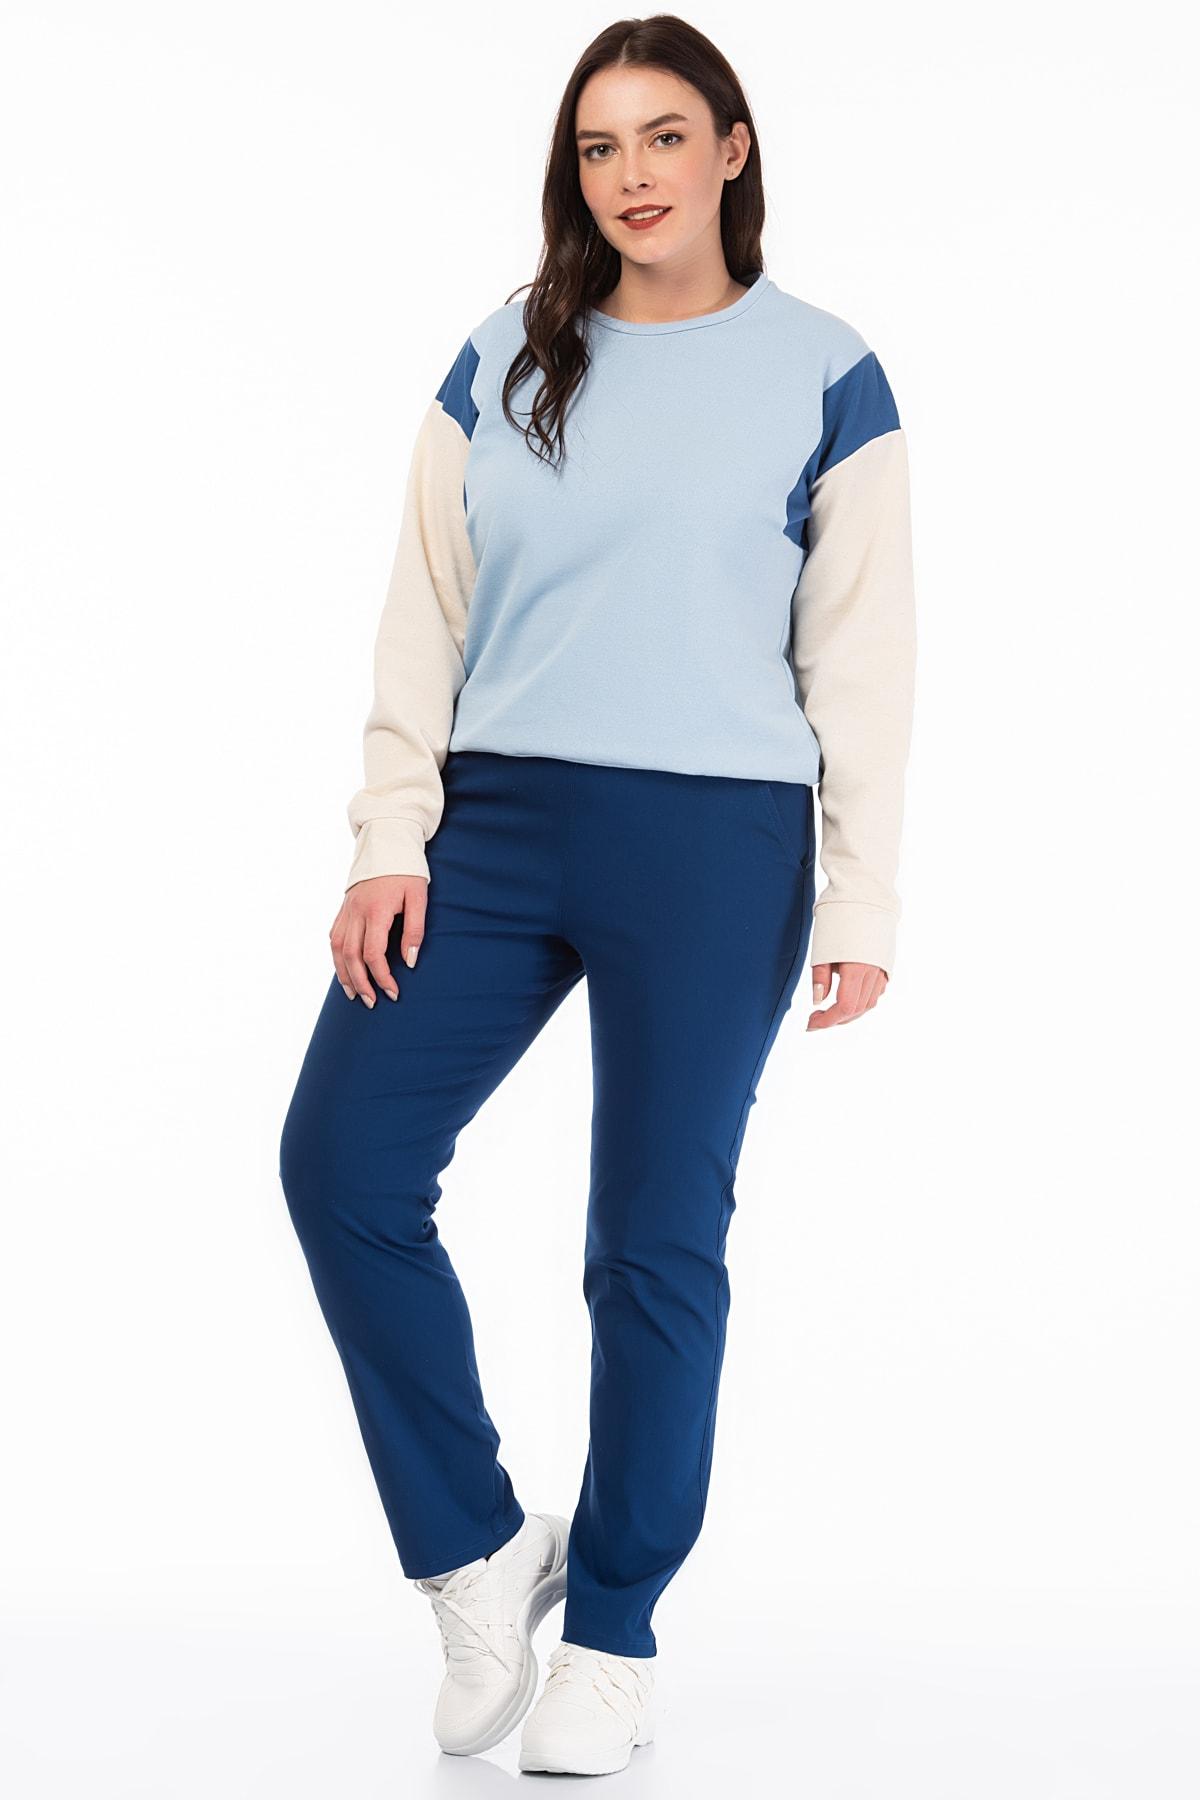 Şans Kadın Saks Likralı Bengalin Kumaş  Bel Kısmı Lastik Detaylı Cepli Pantolon 65N18450 1